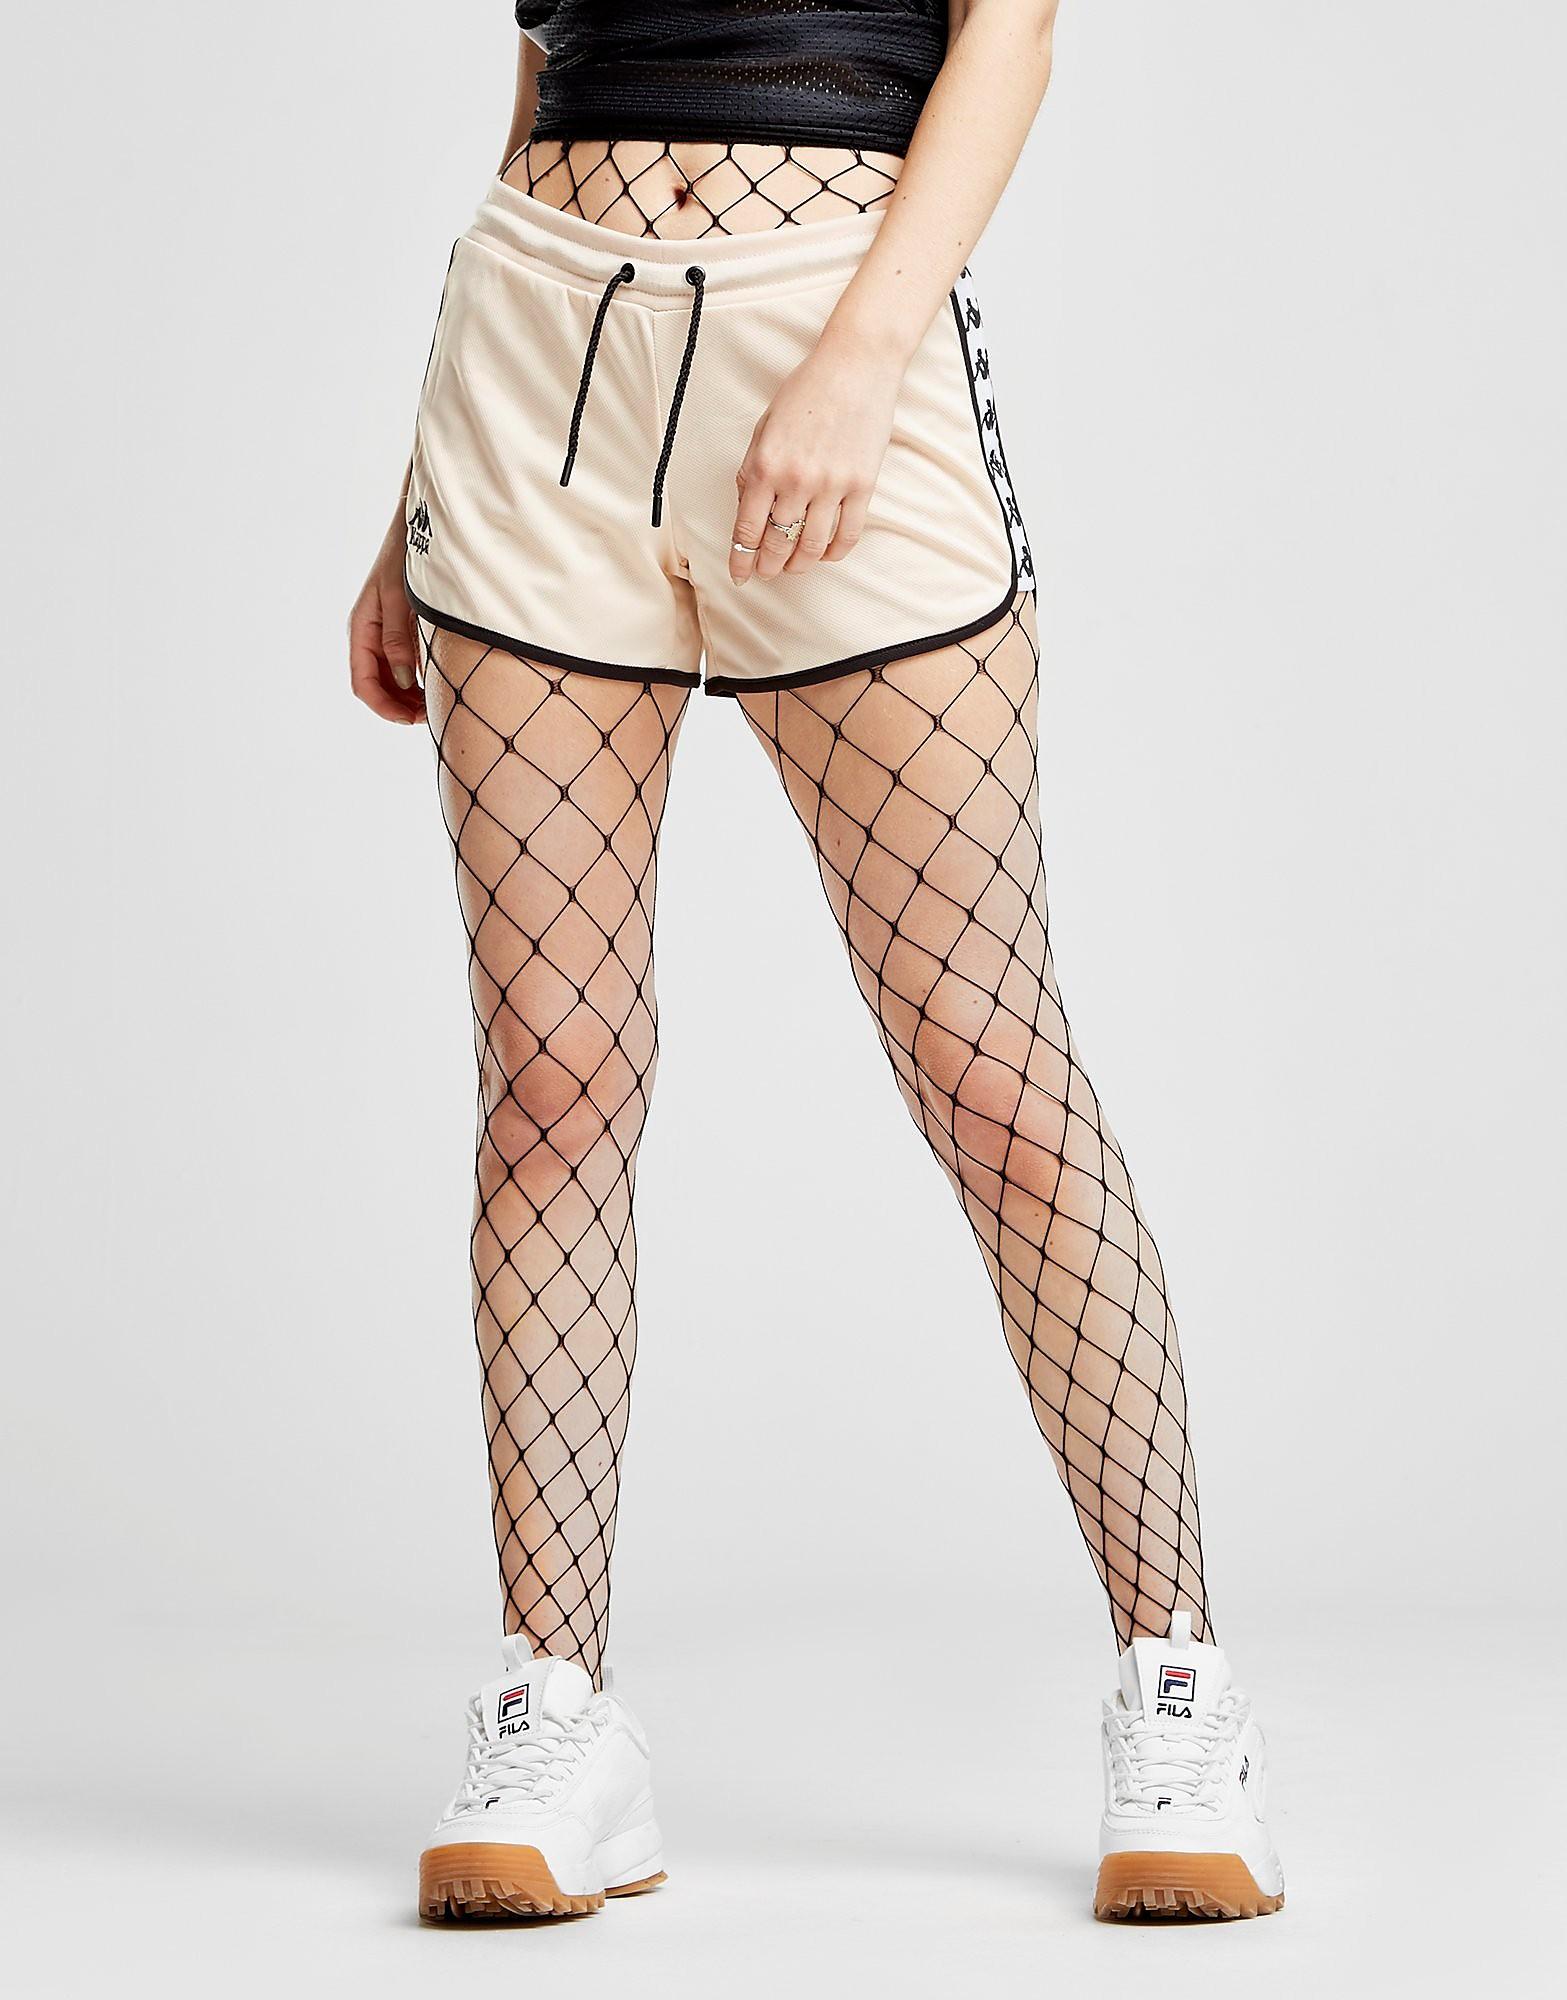 Kappa Anguy Shorts Damer